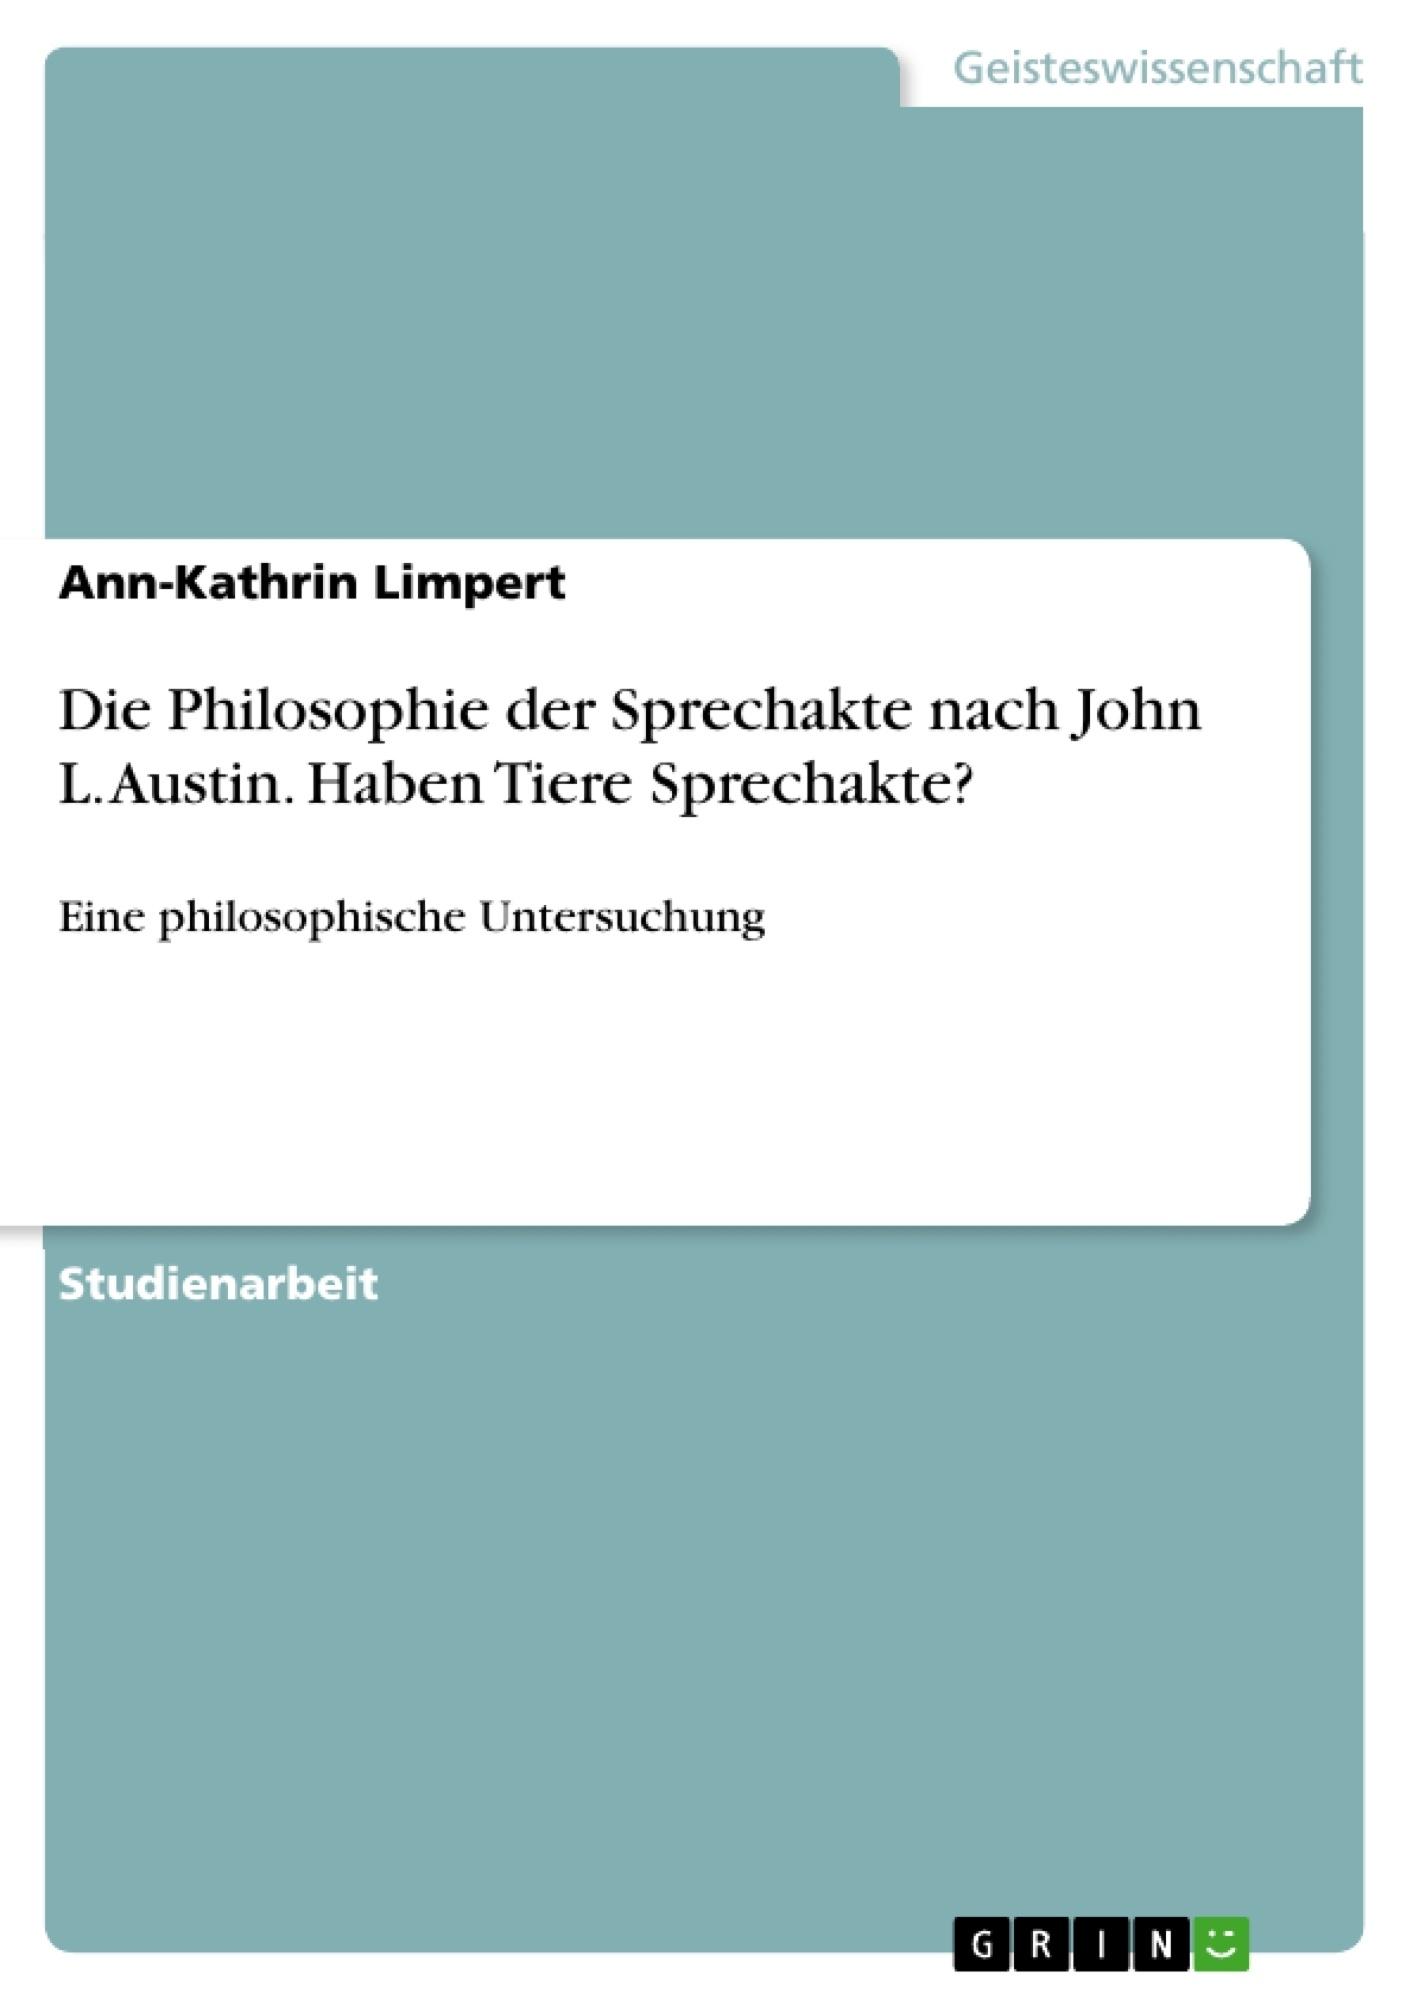 Titel: Die Philosophie der Sprechakte nach John L. Austin. Haben Tiere Sprechakte?